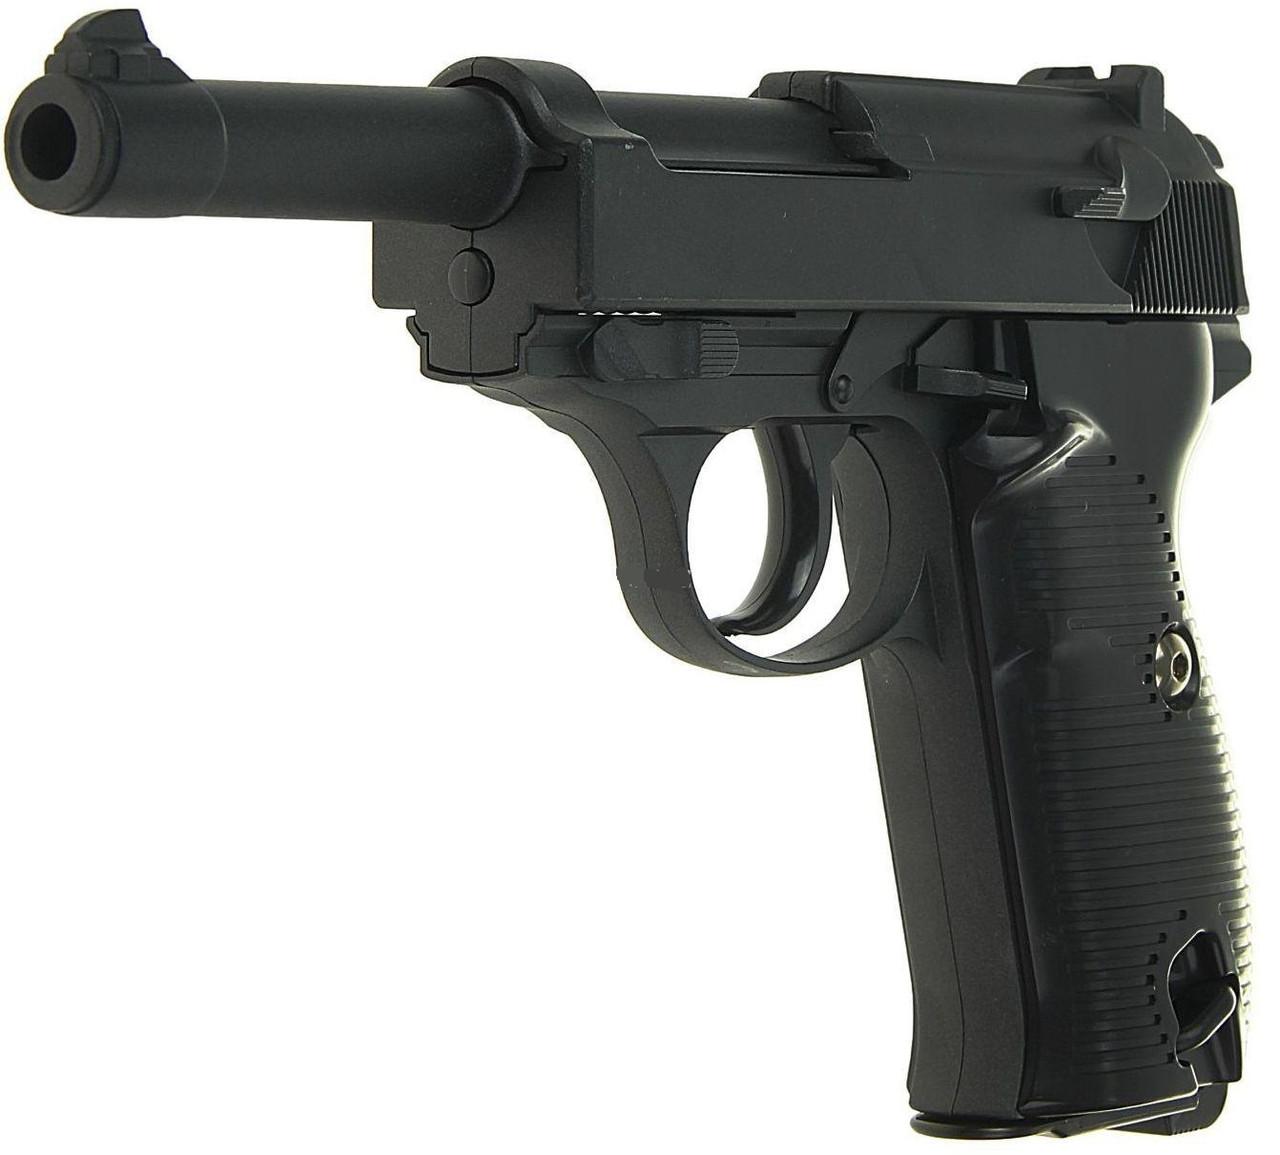 Спринговый металлический пистолет G21 (Walther P38), Вальтер, страйкбол, пистолеты на пульках